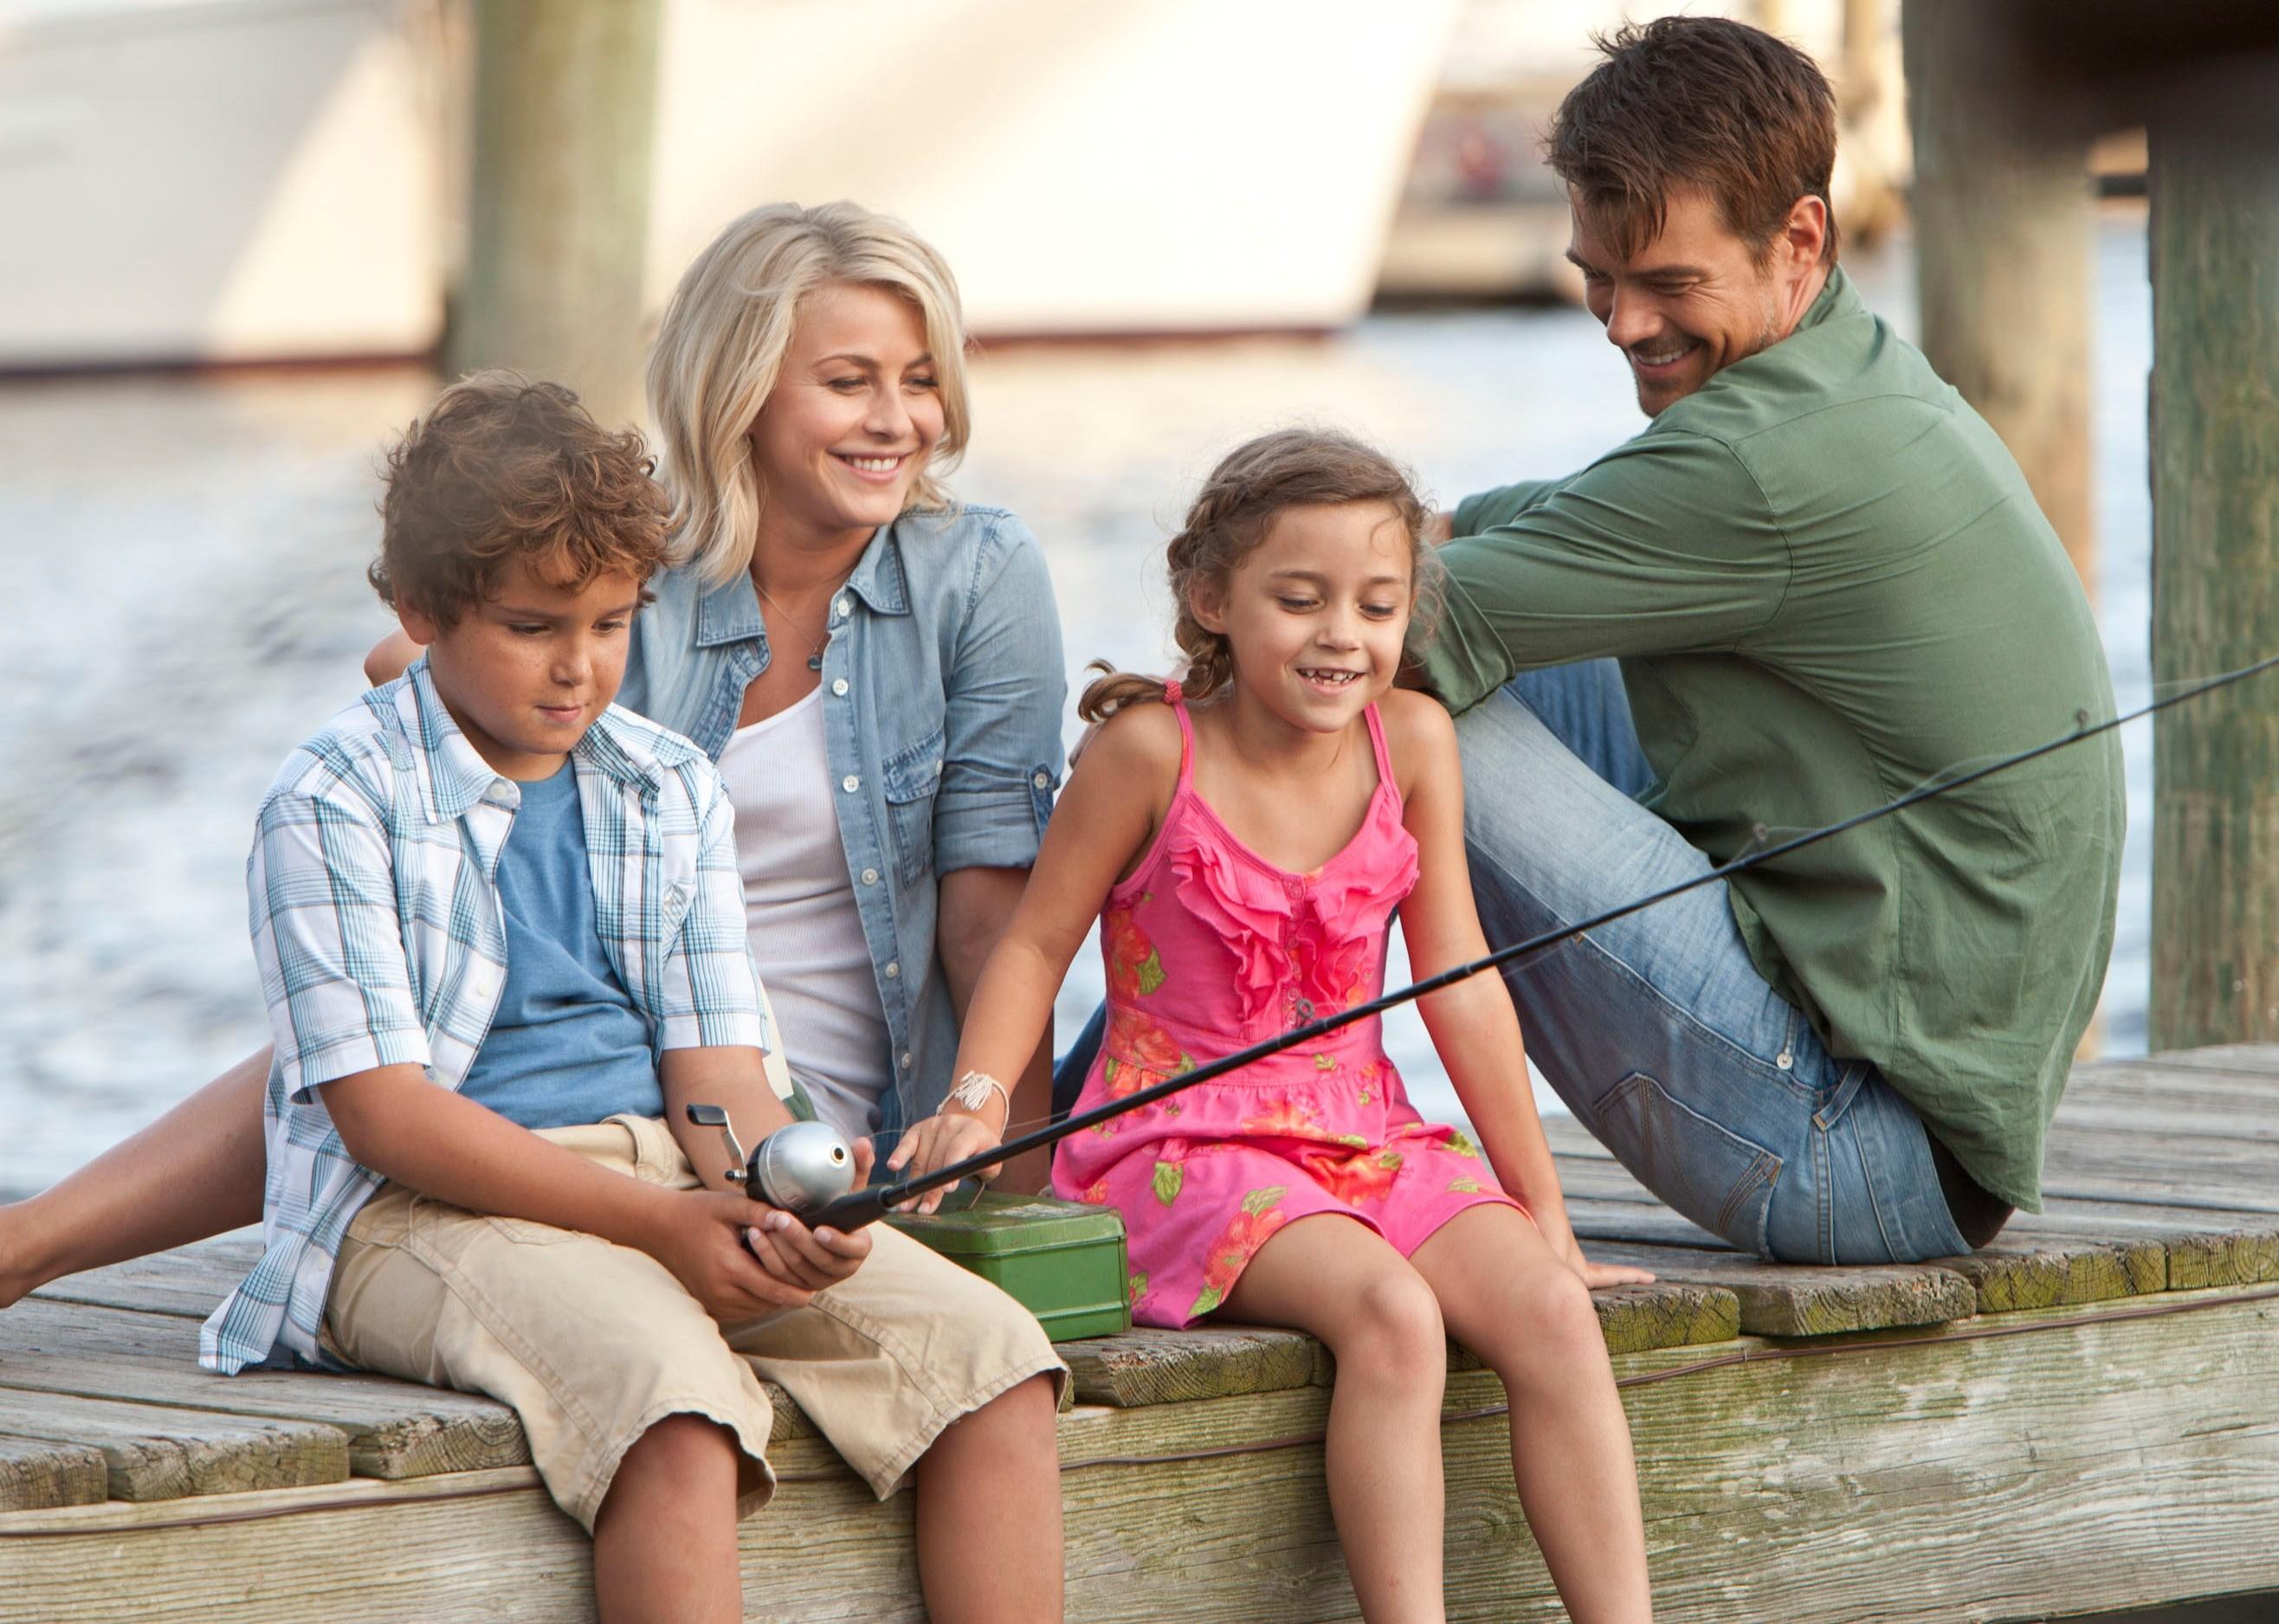 Ссоры при детях: 2 сценария, как решить конфликт с пользой для ребенка